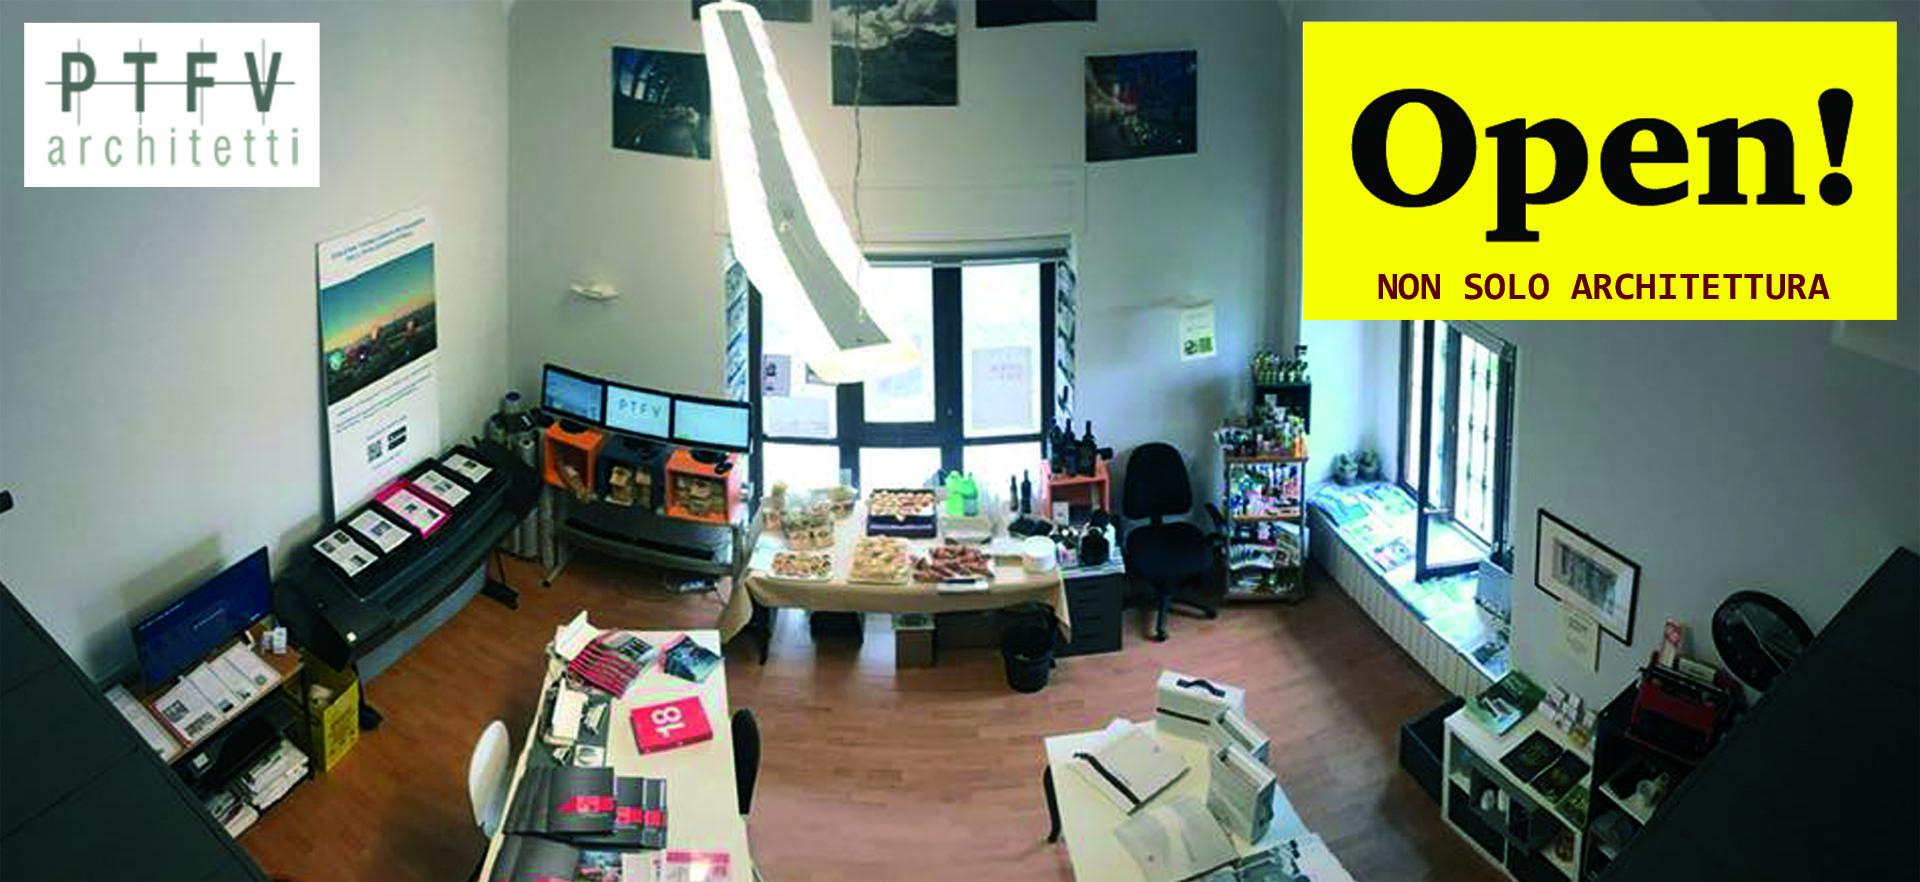 """PTFV architetti - """"OPEN 2019 - Non solo architettura"""""""